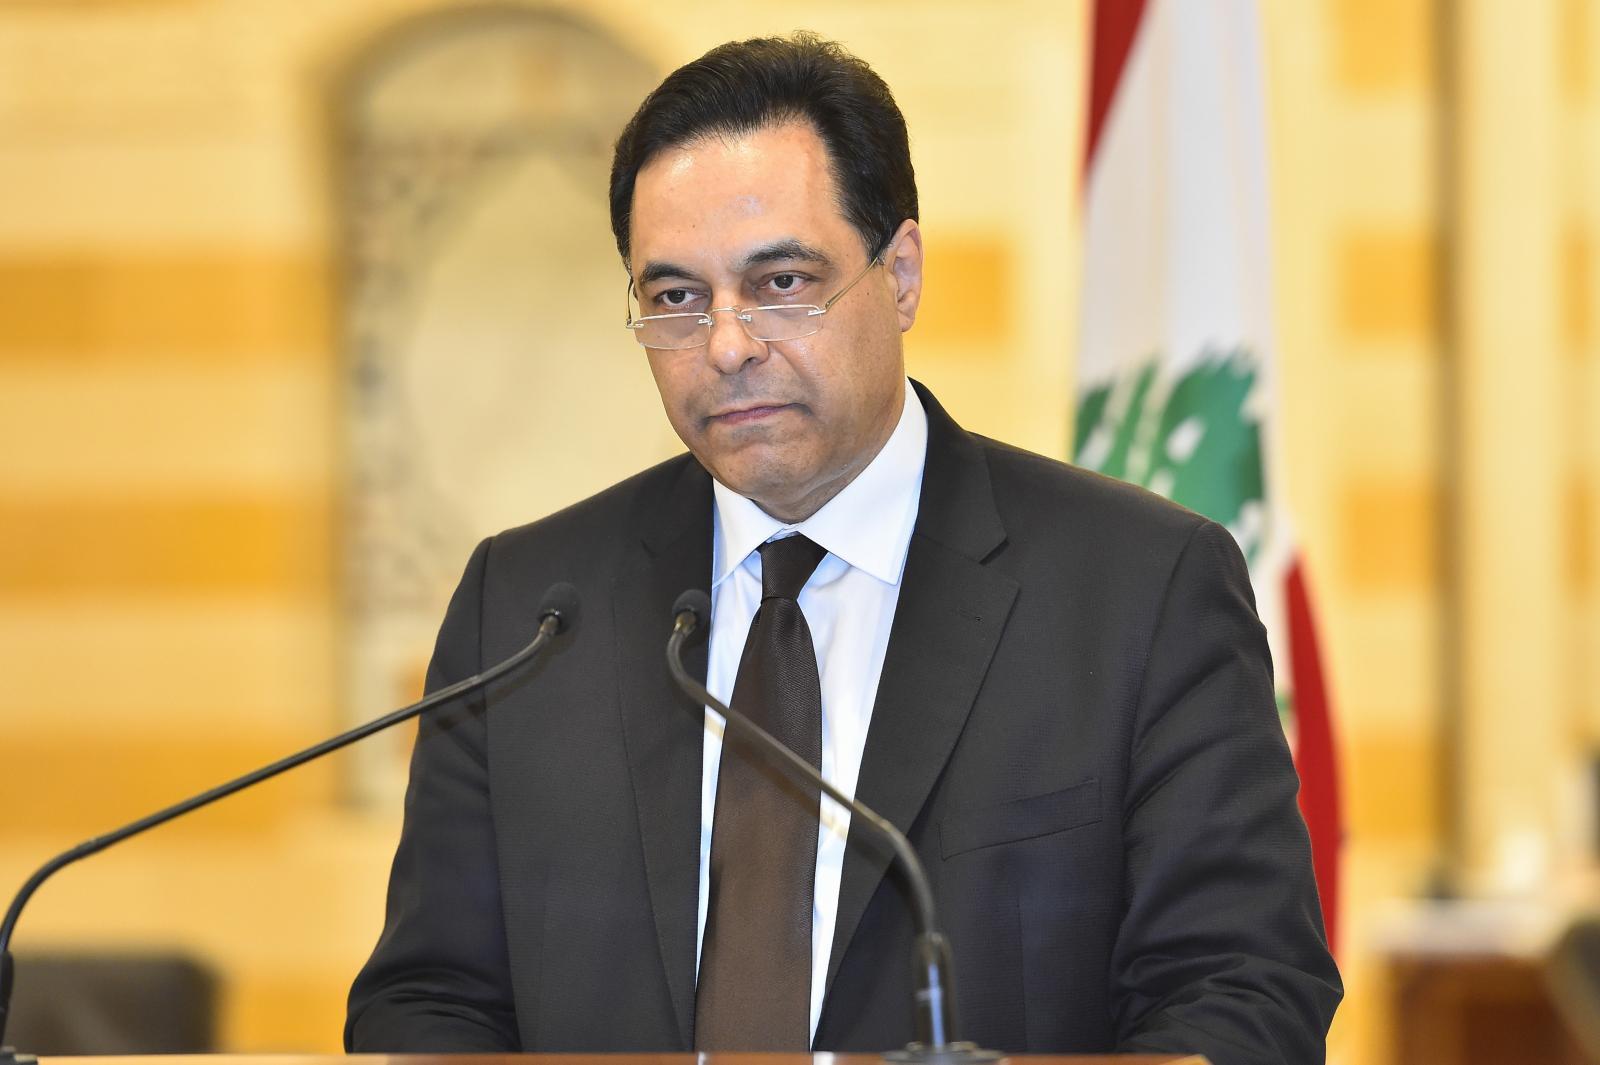 รัฐบาลเลบานอนลาออกยกชุด เซ่นพิษระเบิดกลางเบรุต